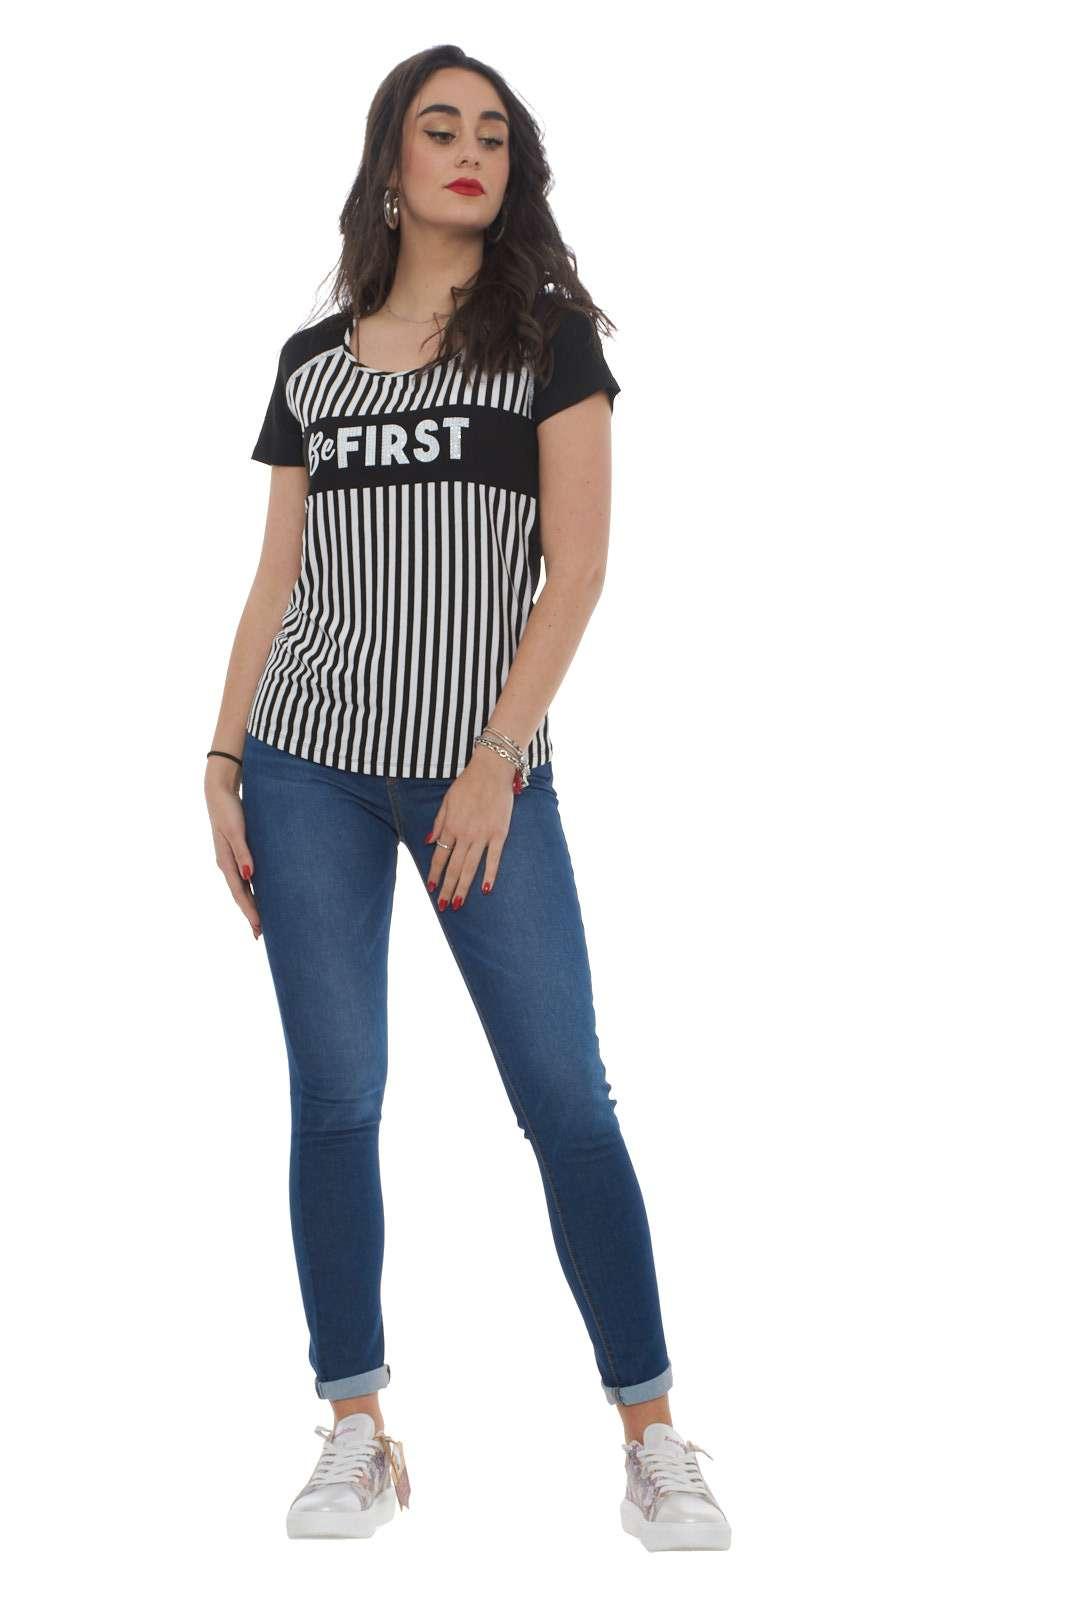 https://www.parmax.com/media/catalog/product/a/i/PE-outlet_parmax-t-shirt-donna-Liu-Jo-T19153-D.jpg